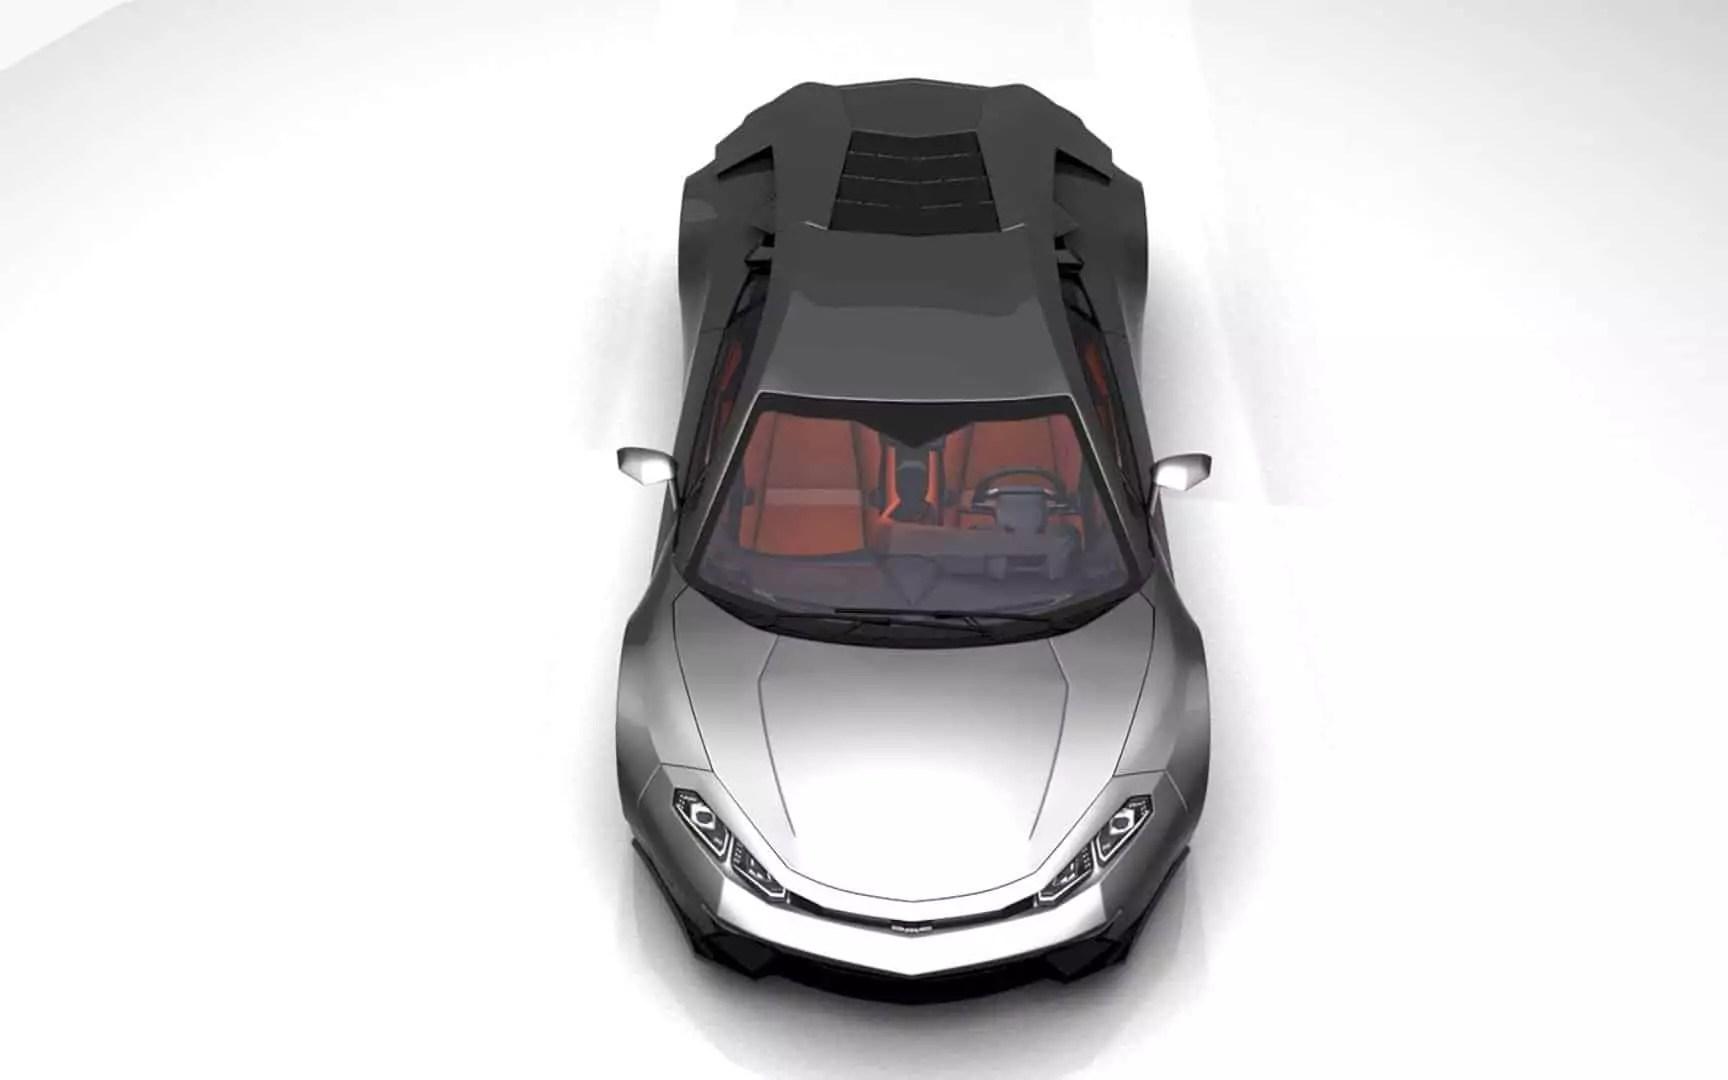 DMC DeLorean: A Contemporary Conceptual Design of DeLorean Classic Car